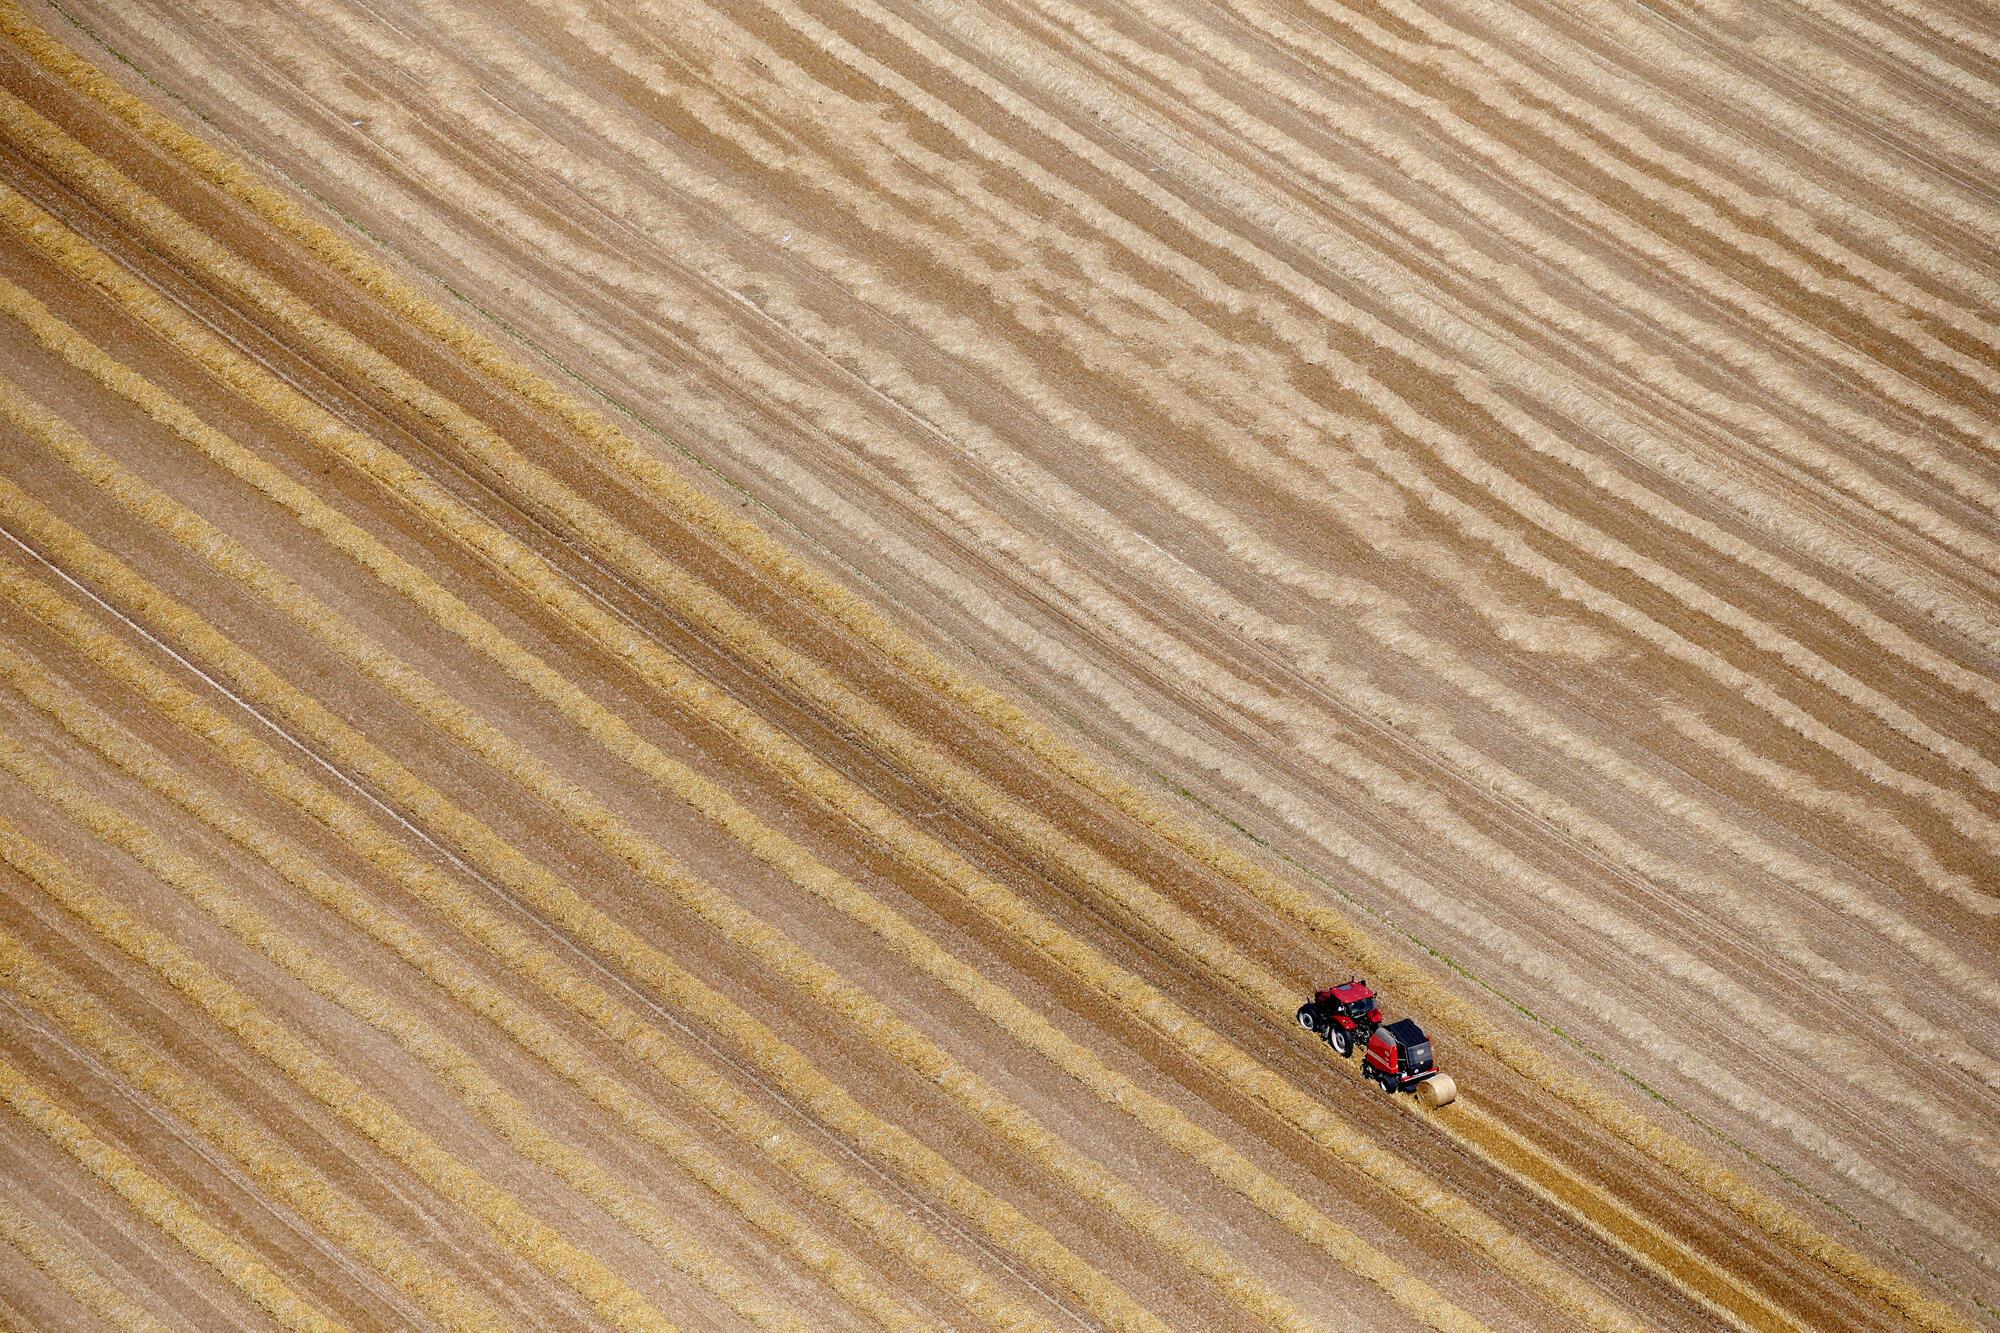 Une vue aérienne d'un champ de blé à Coquelles, près de Calais dans le nord de la France.